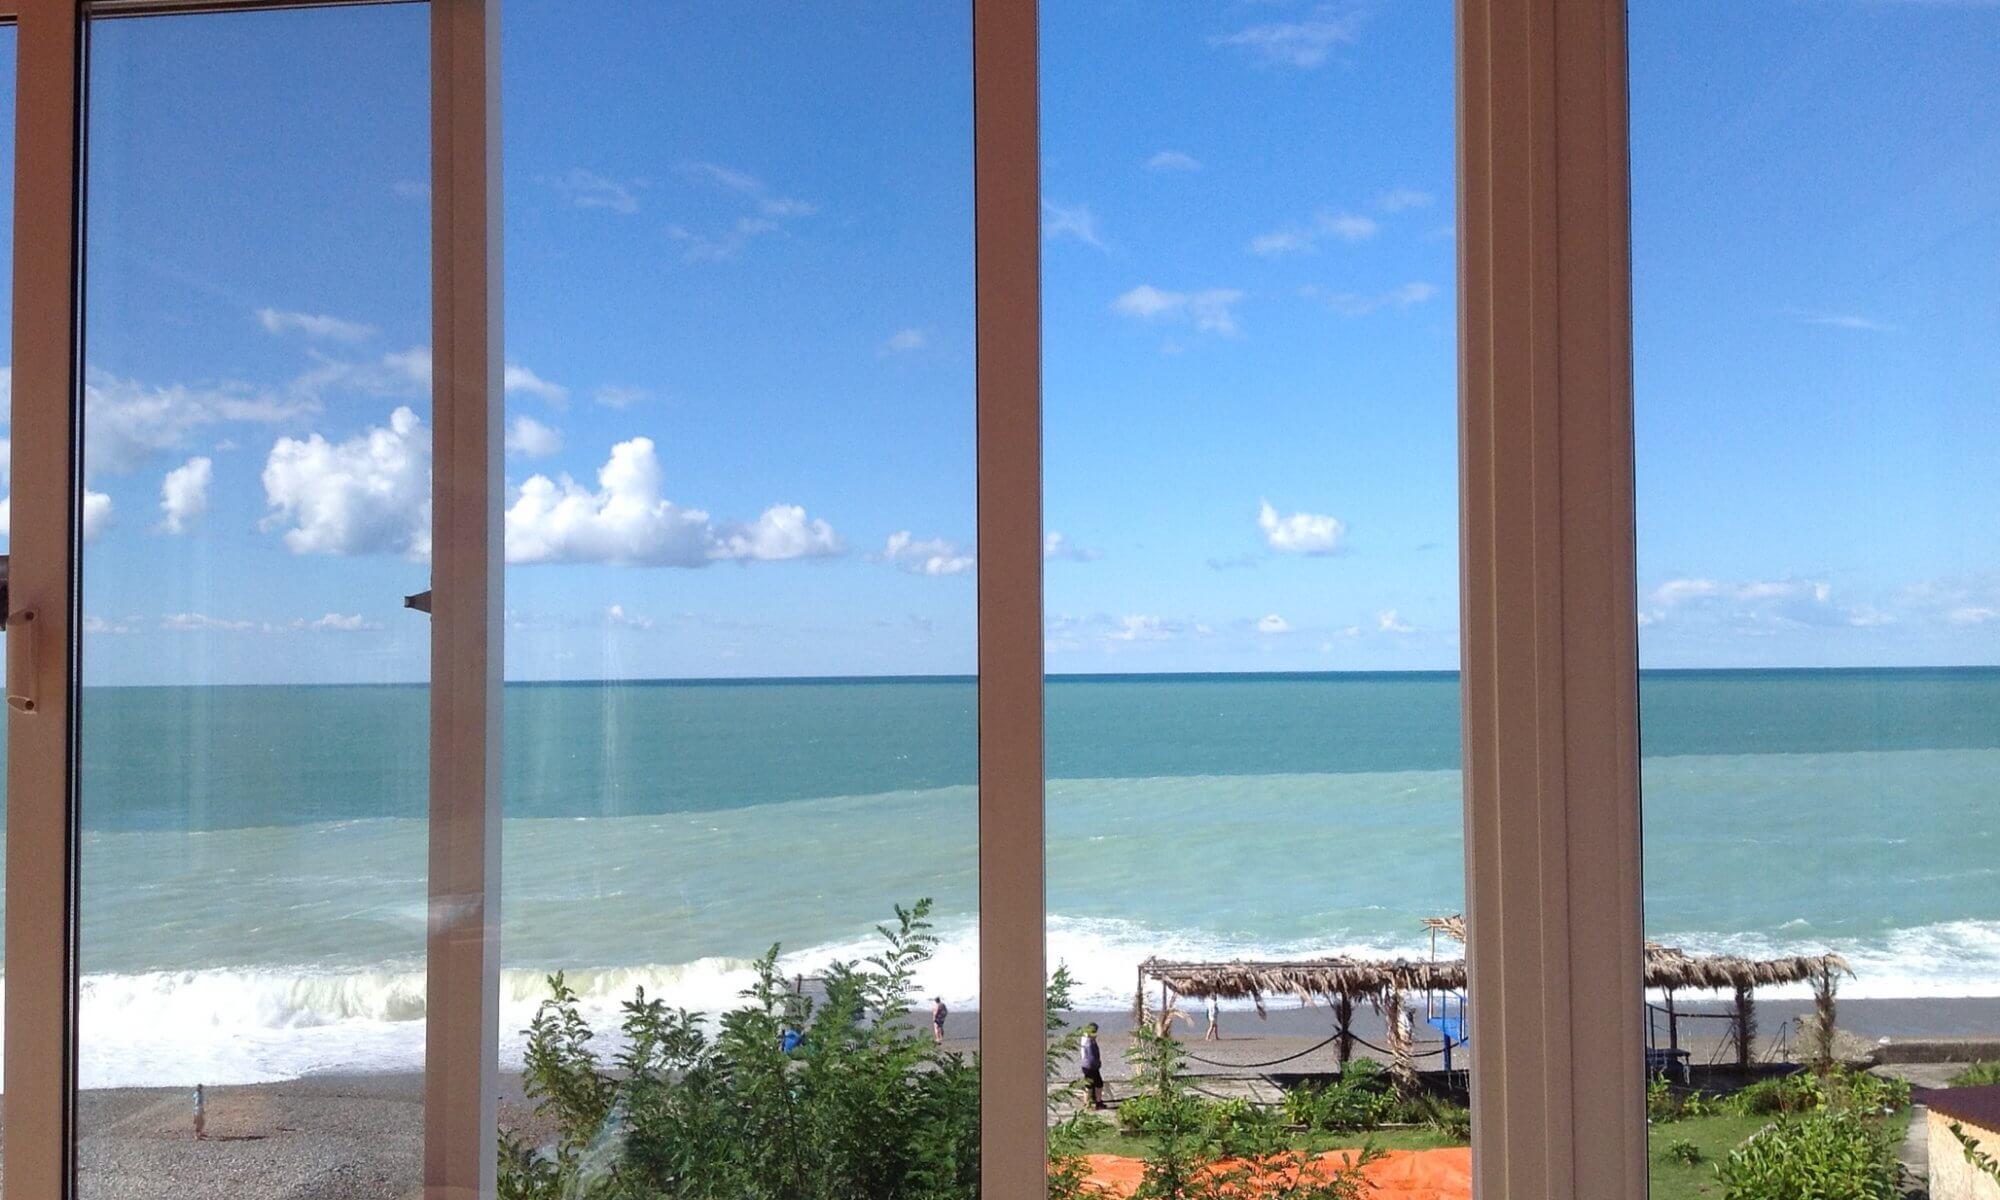 Абхазия частный сектор гостевые дома и мини отели на море Гагра